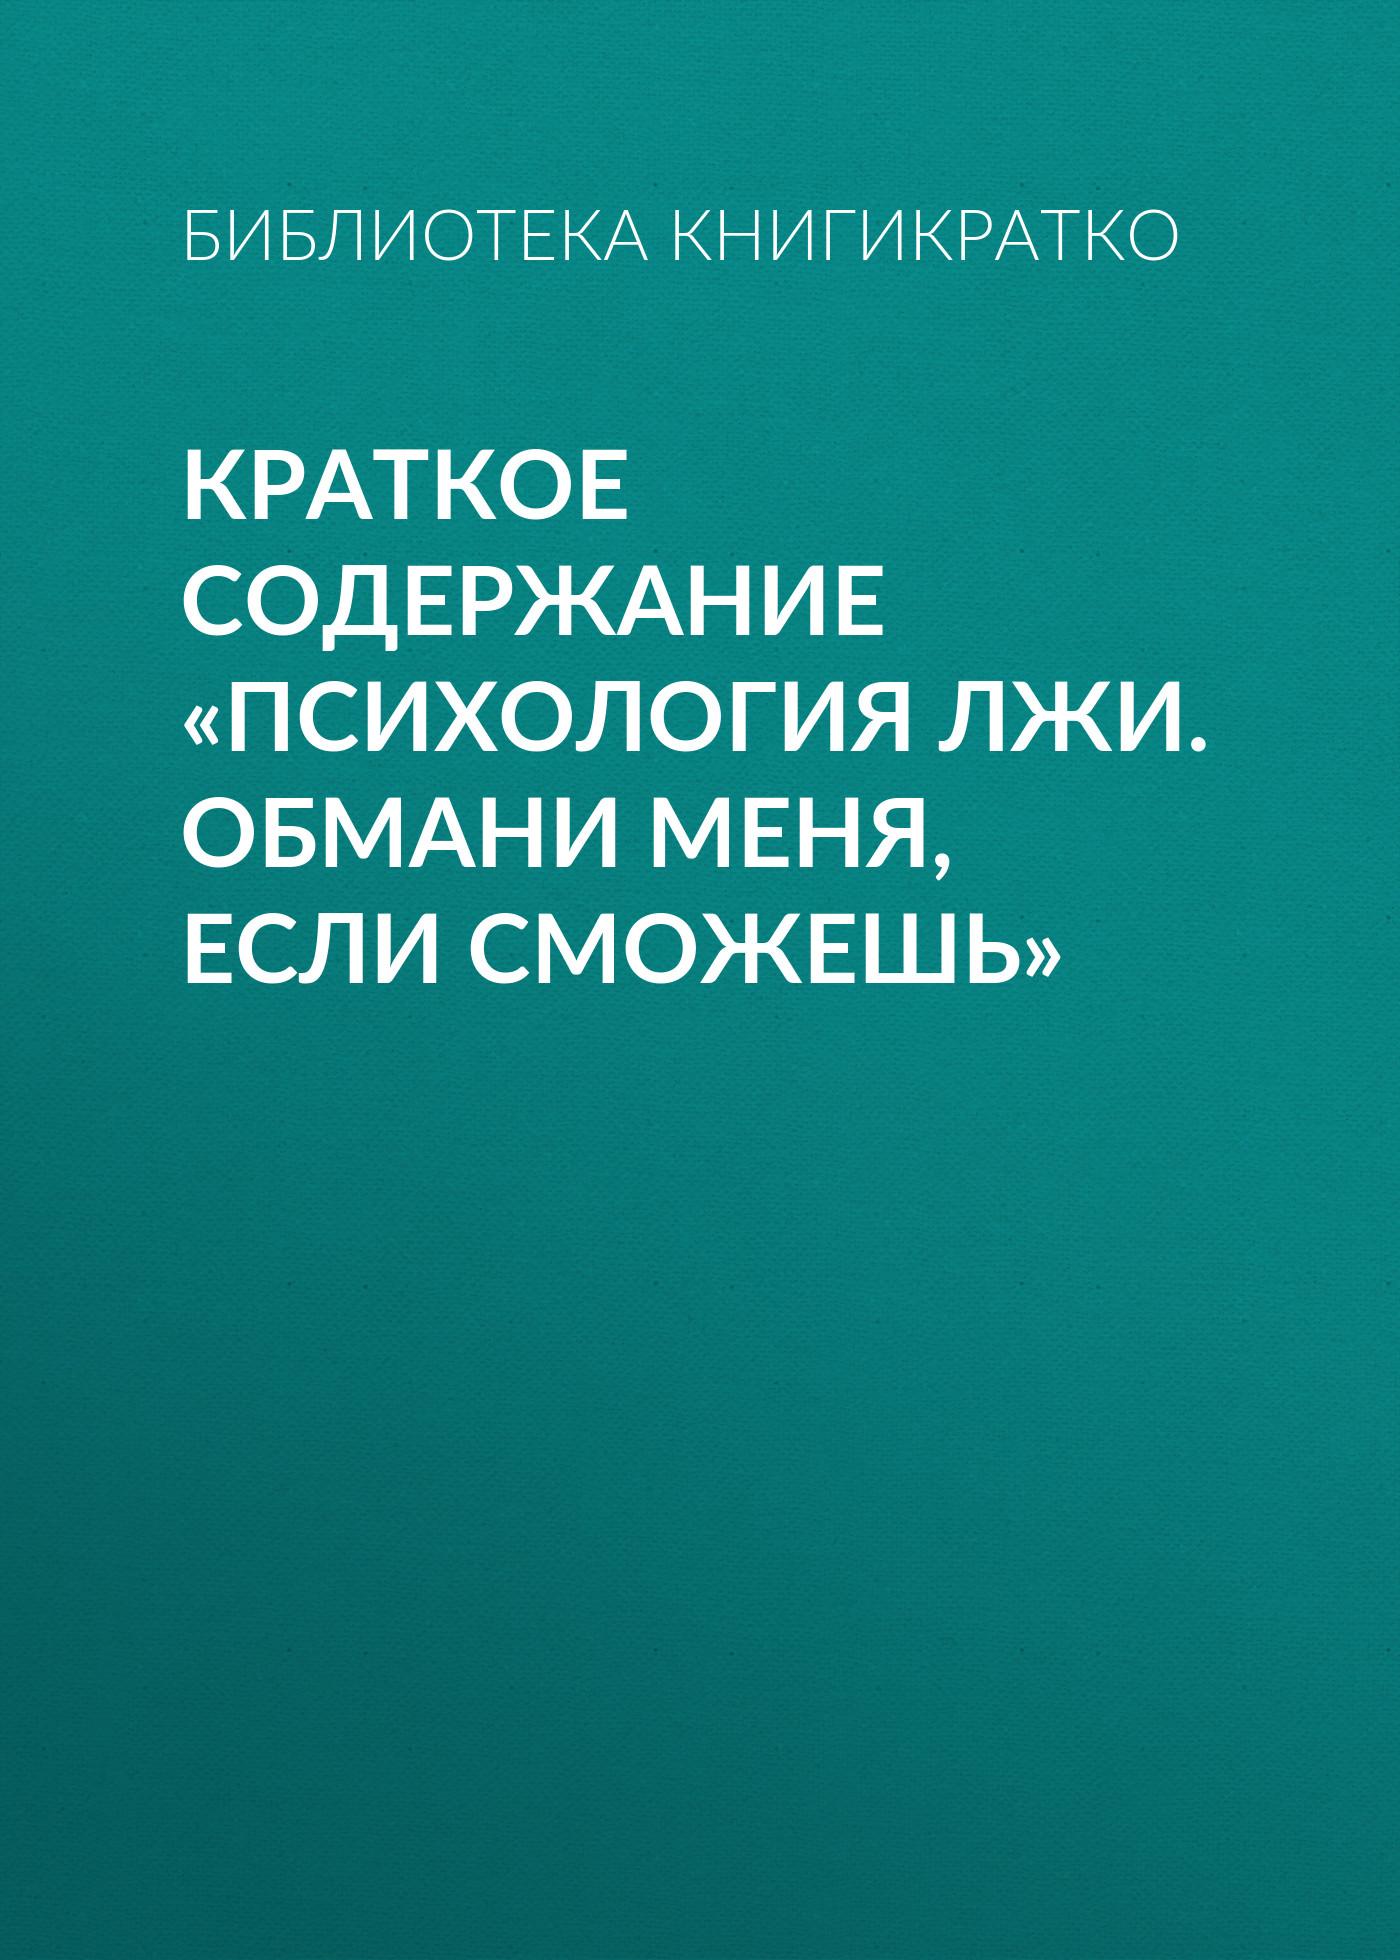 Библиотека КнигиКратко Краткое содержание «Психология лжи. Обмани меня, если сможешь» экман п психология лжи обмани меня если сможешь